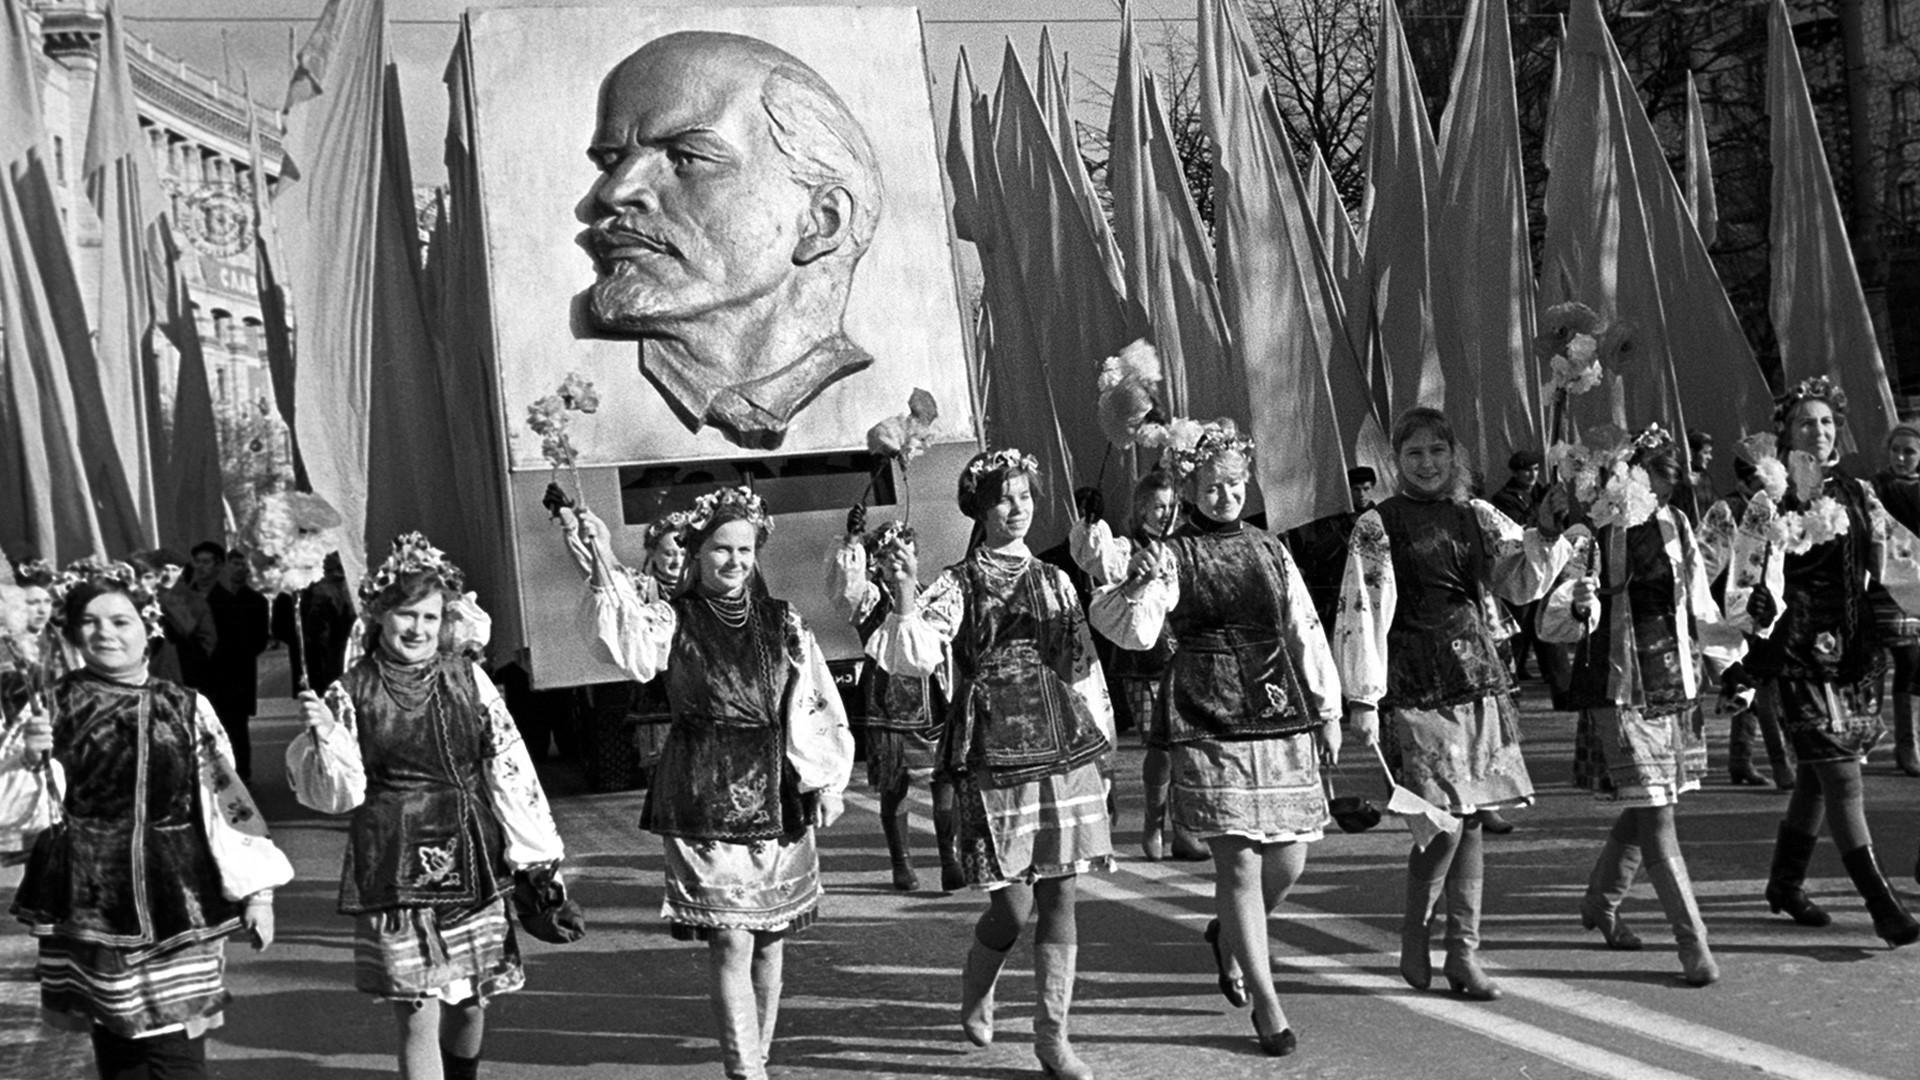 Célébration du 53e anniversaire de la Révolution bolchévique, à Kiev